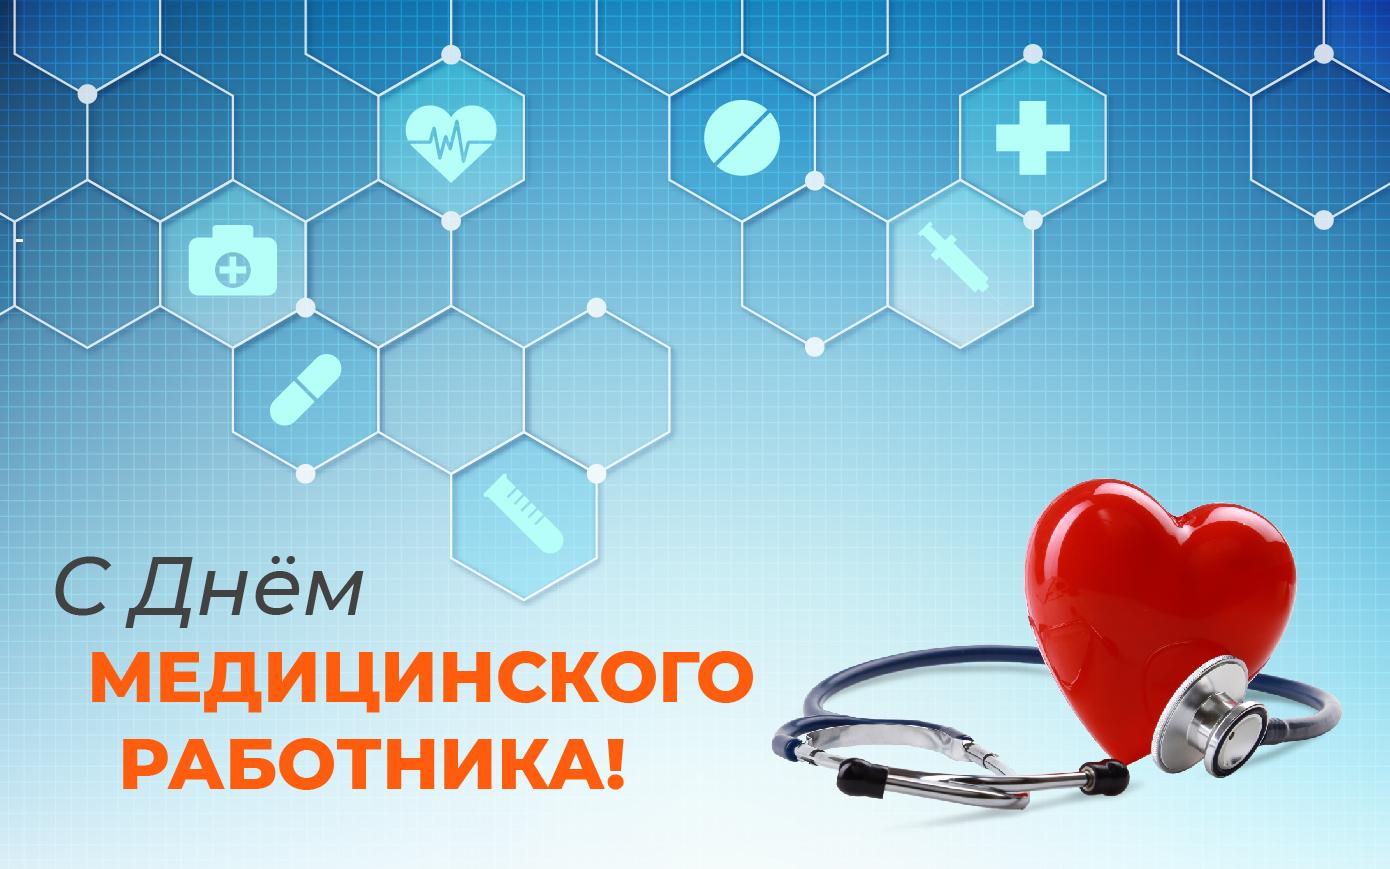 Поздравляем врачей с Днём медицинского работника!